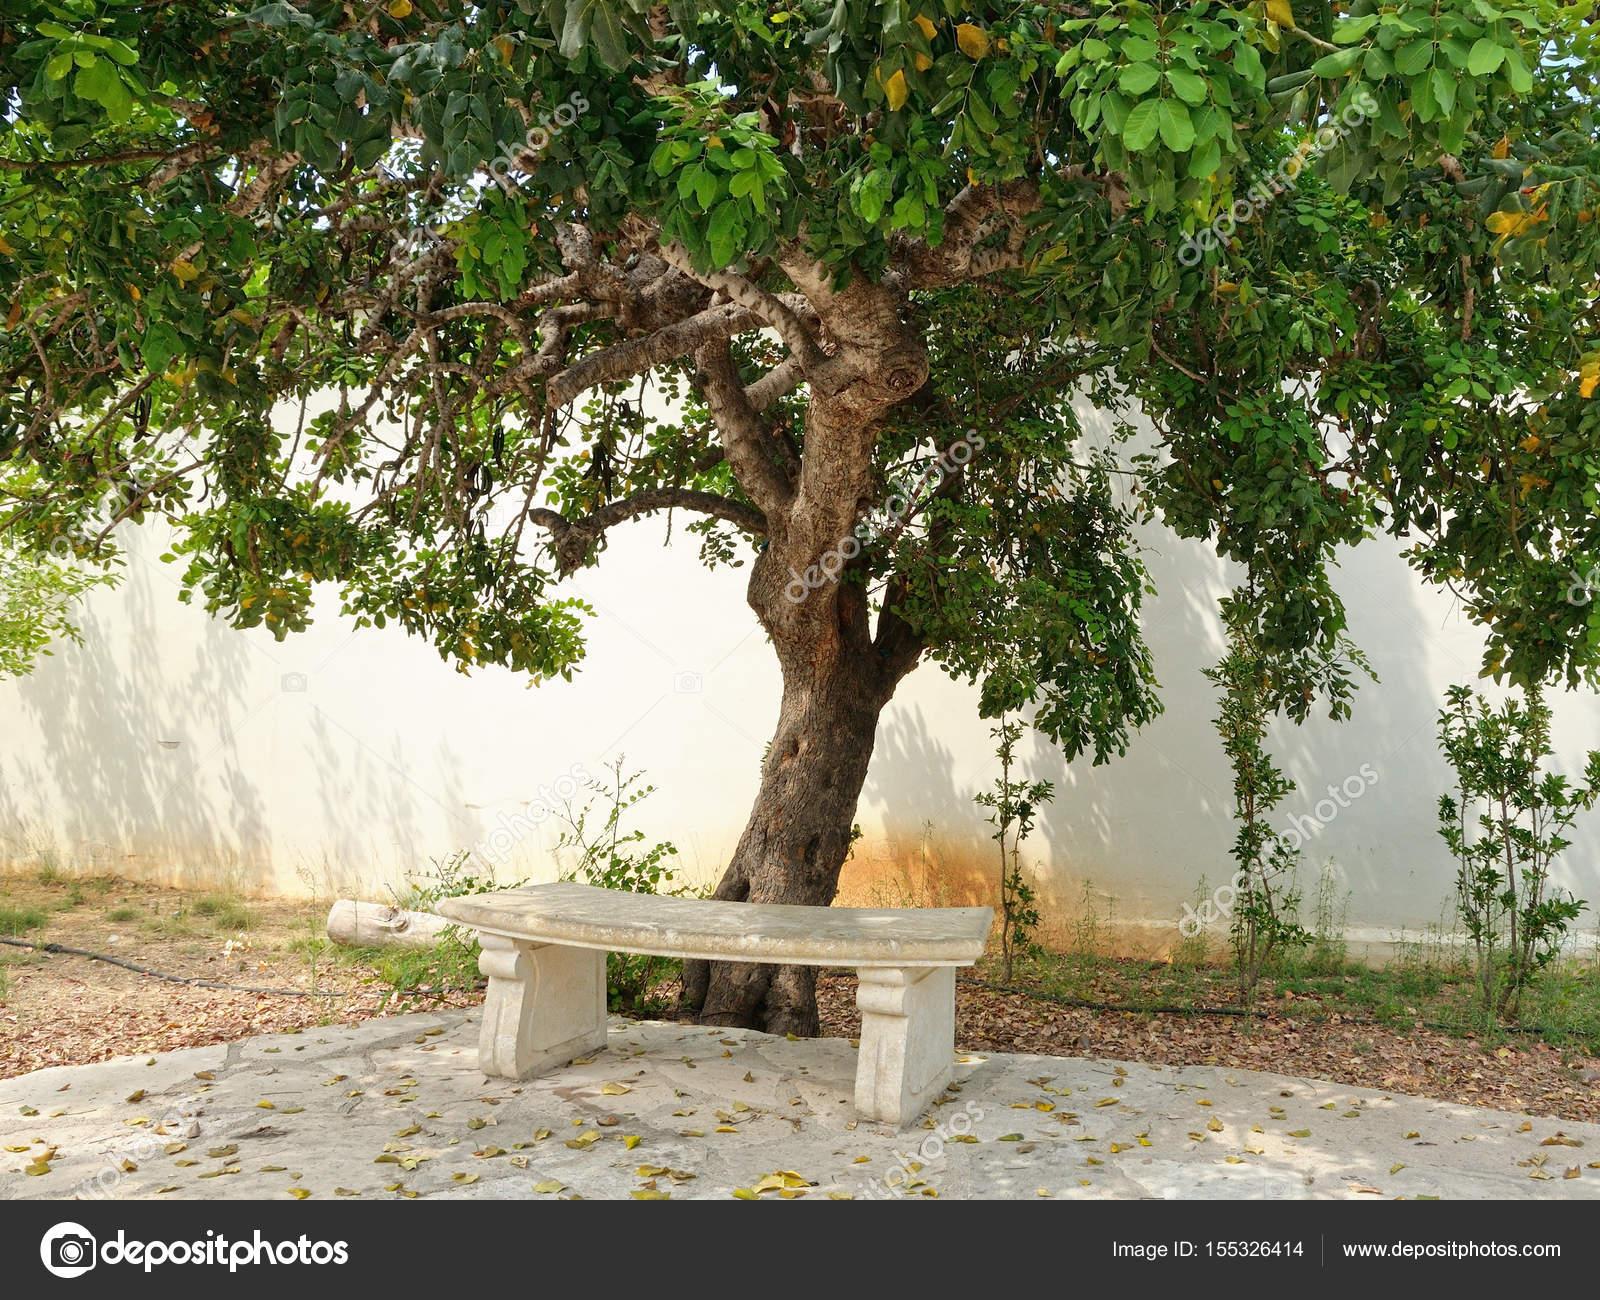 banc de pierre sous l'arbre — photographie windujedi © #155326414